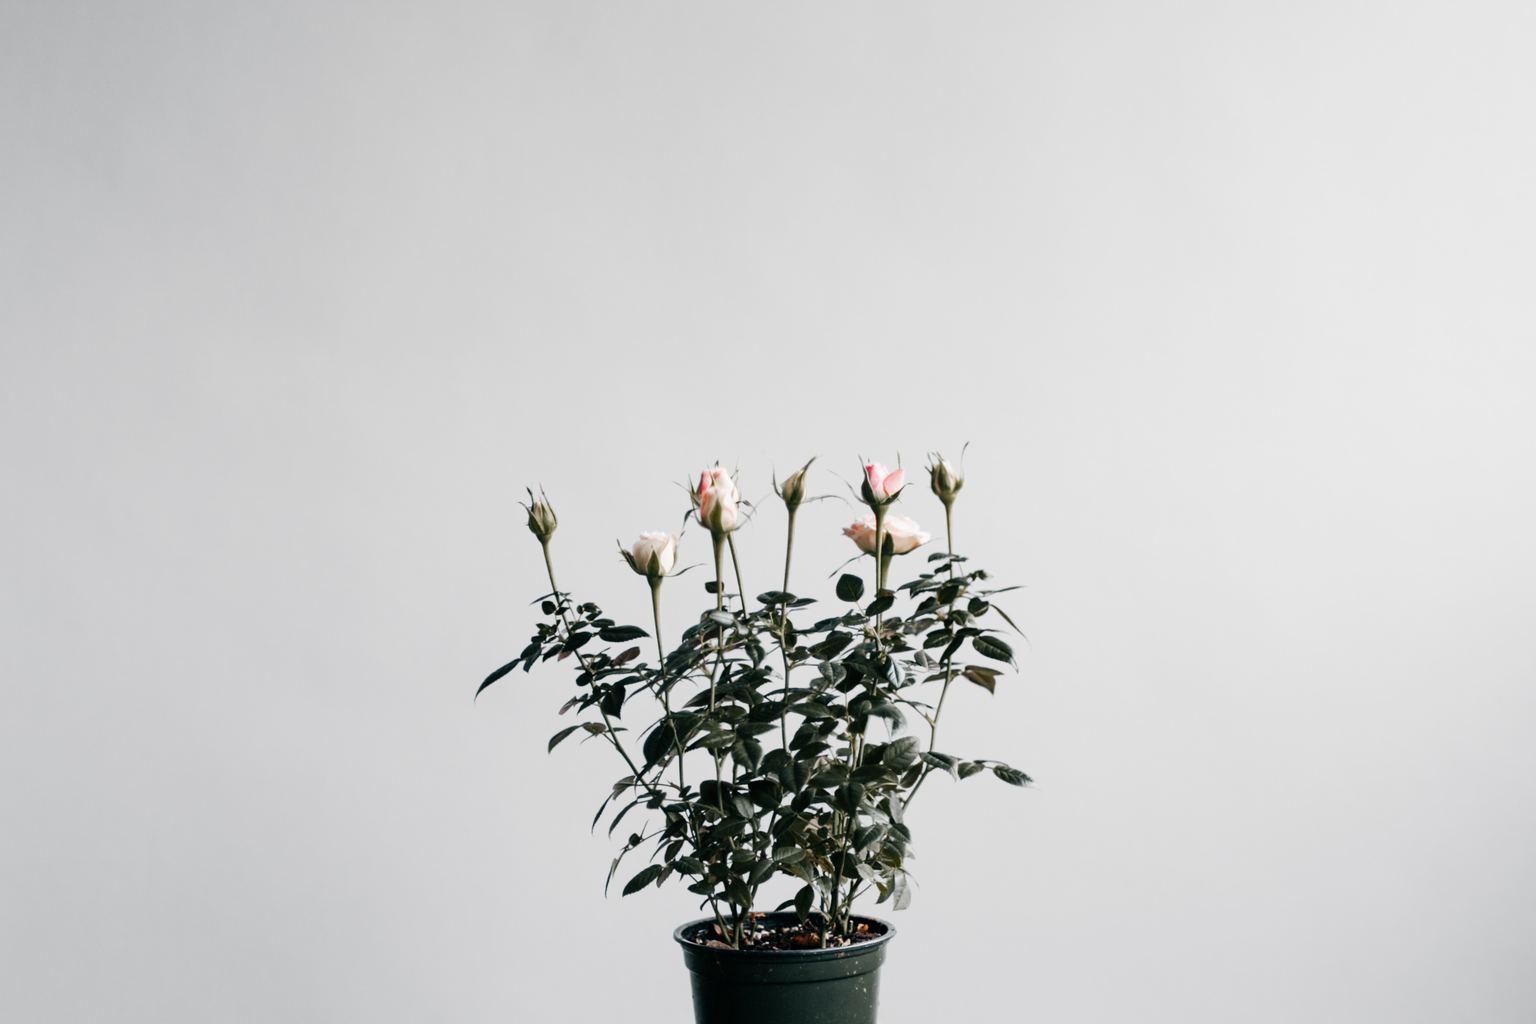 Fotografía de una planta en una maceta